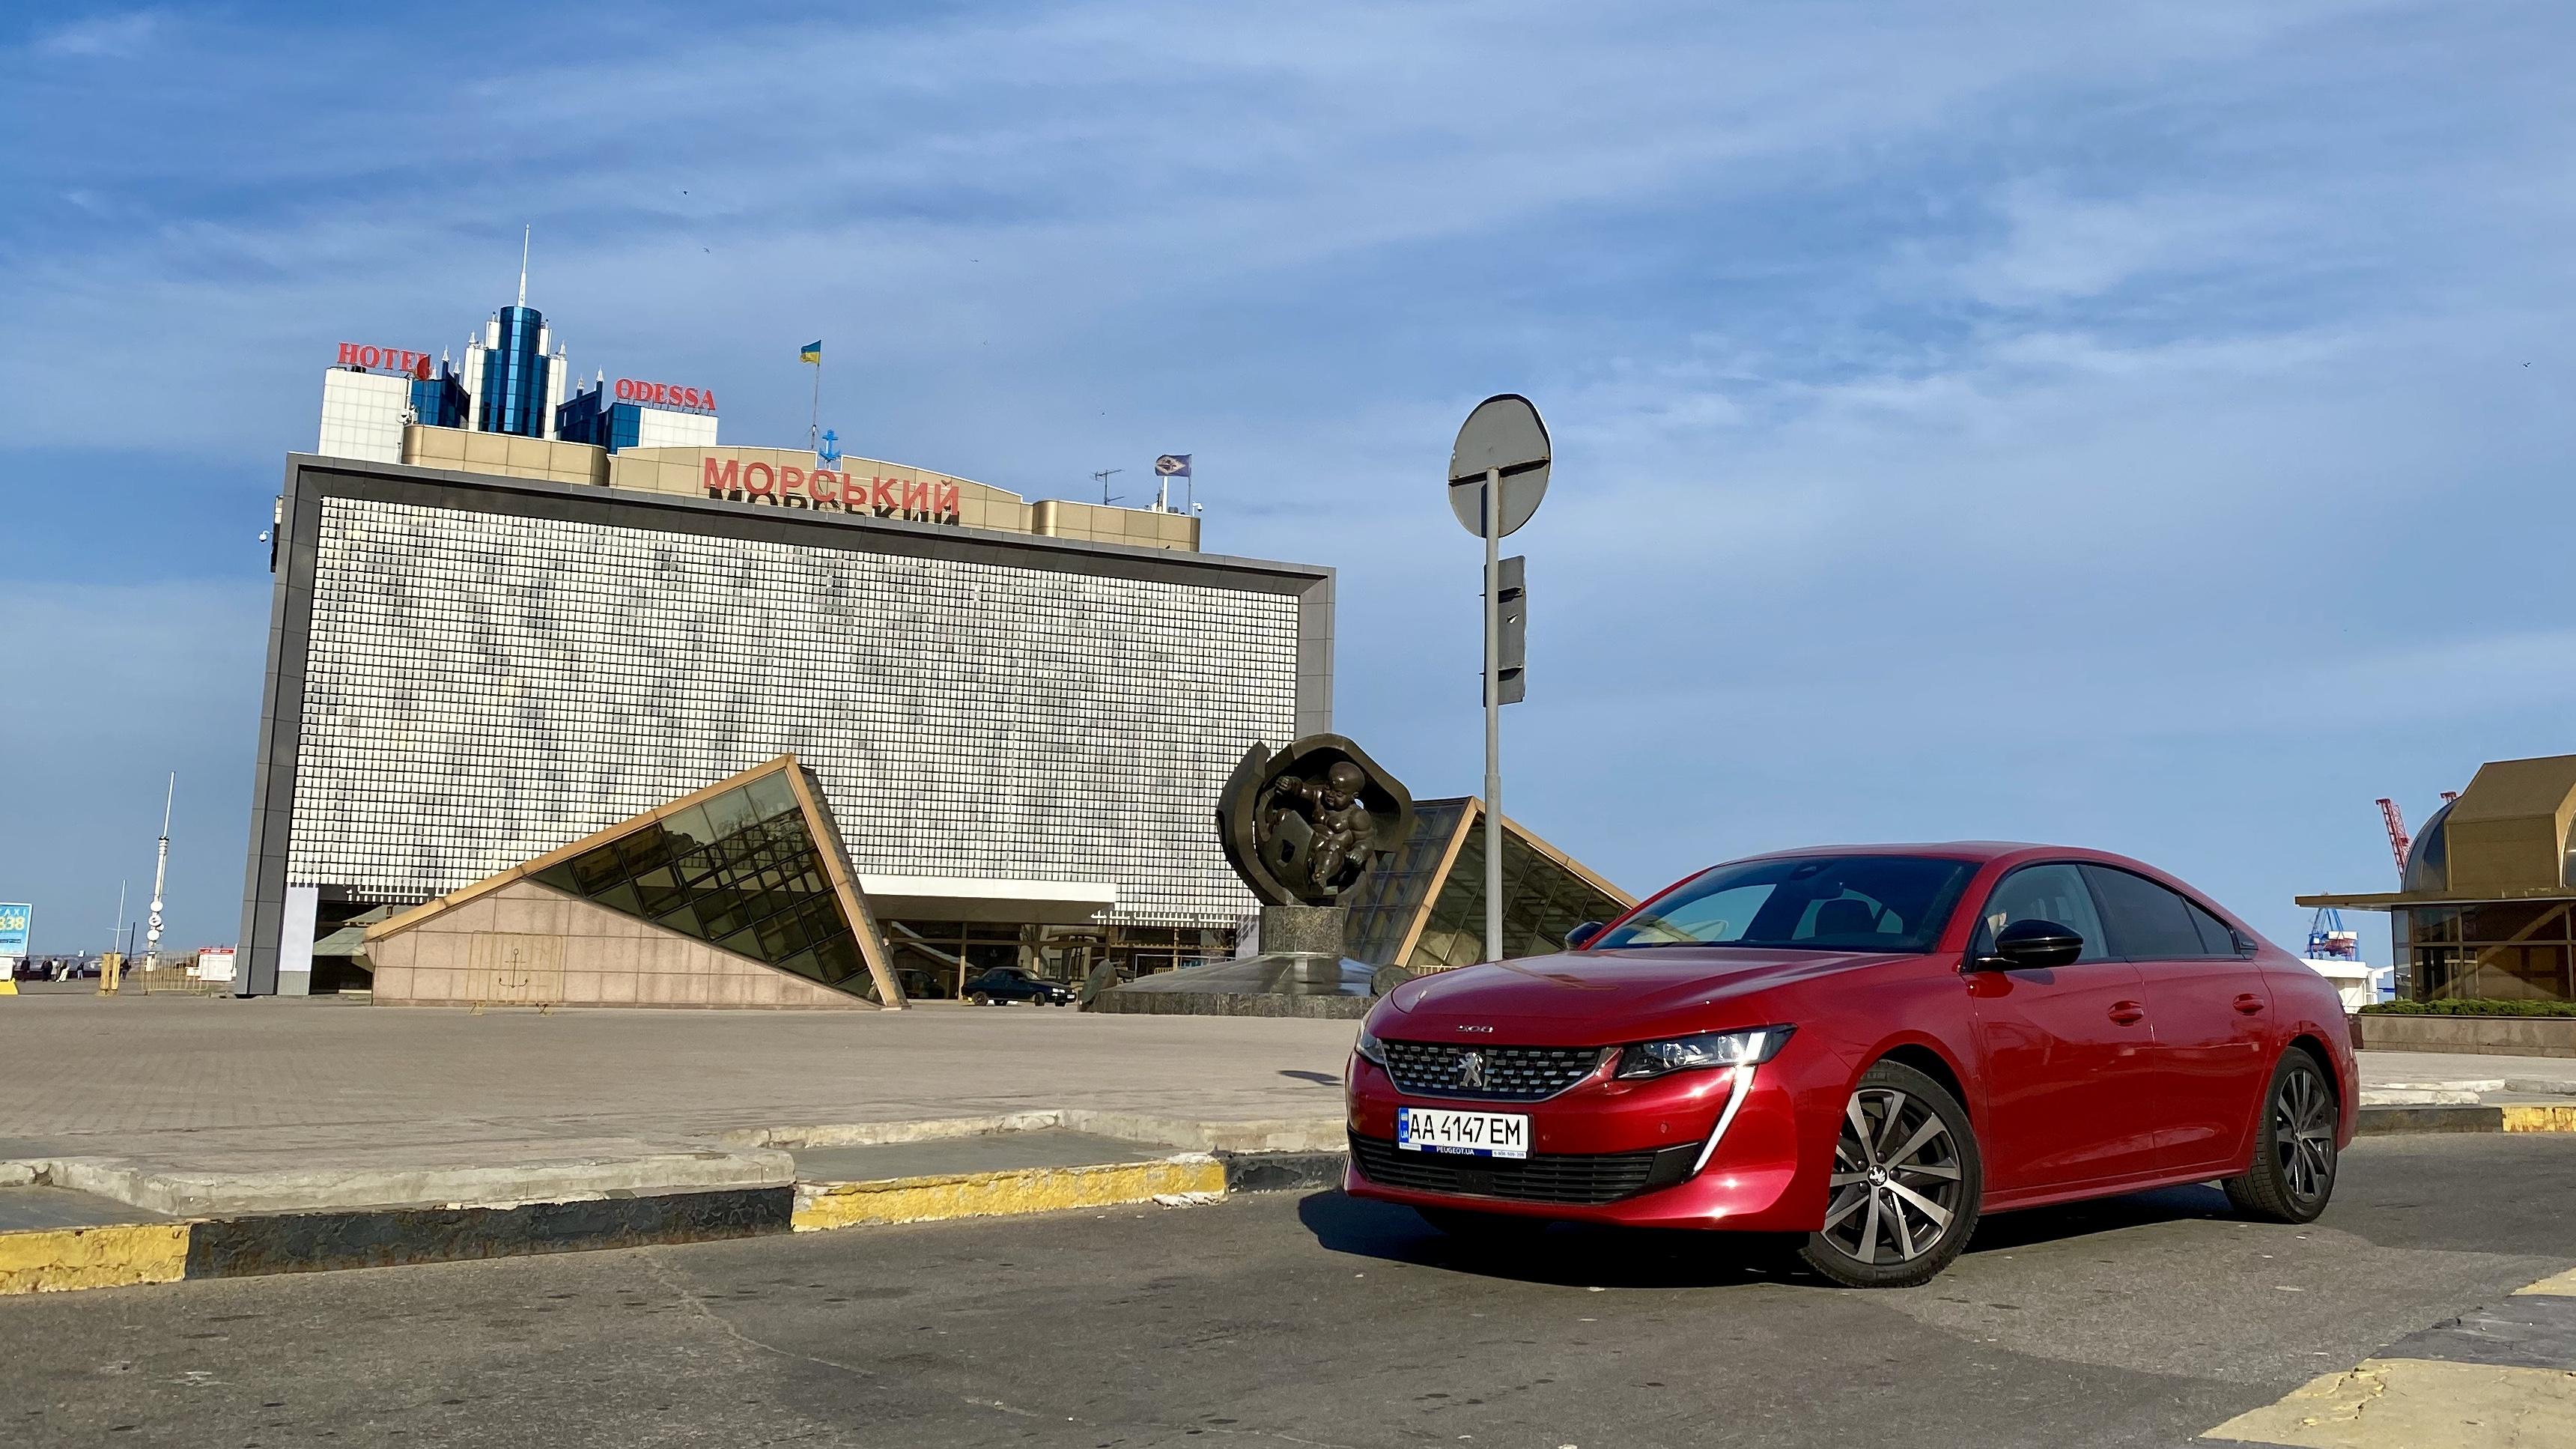 Тест-драйв Peugeot 508: от Киева до моря и обратно